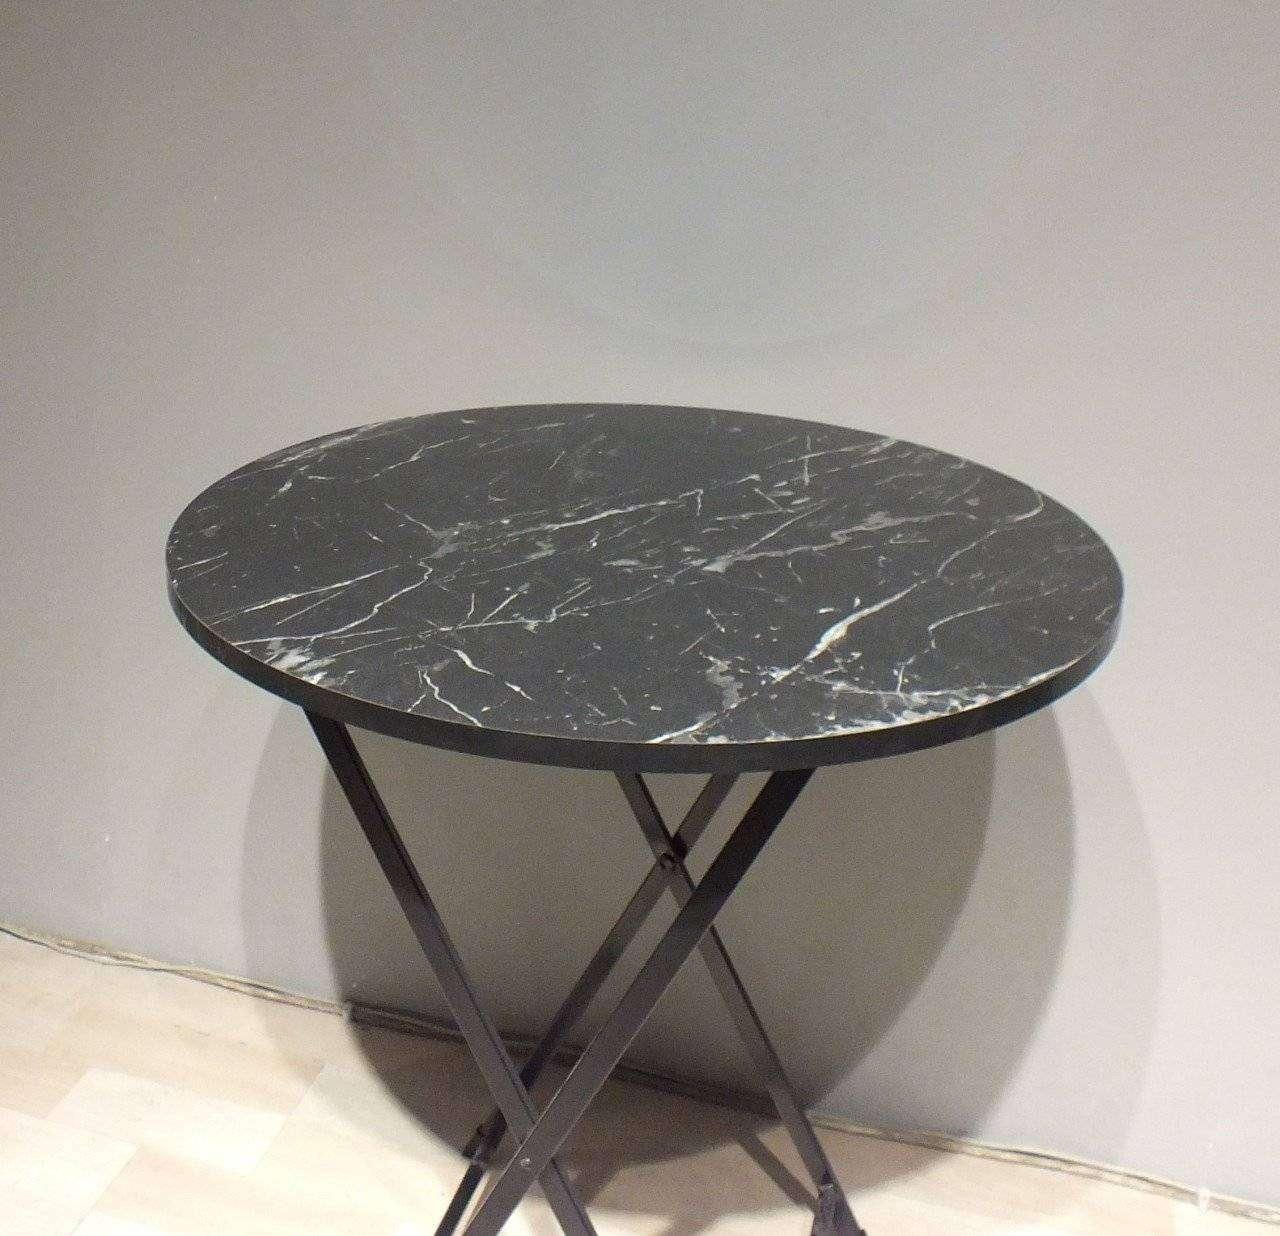 Yuvarlak Katlanır Masa Siyah mermer desenli